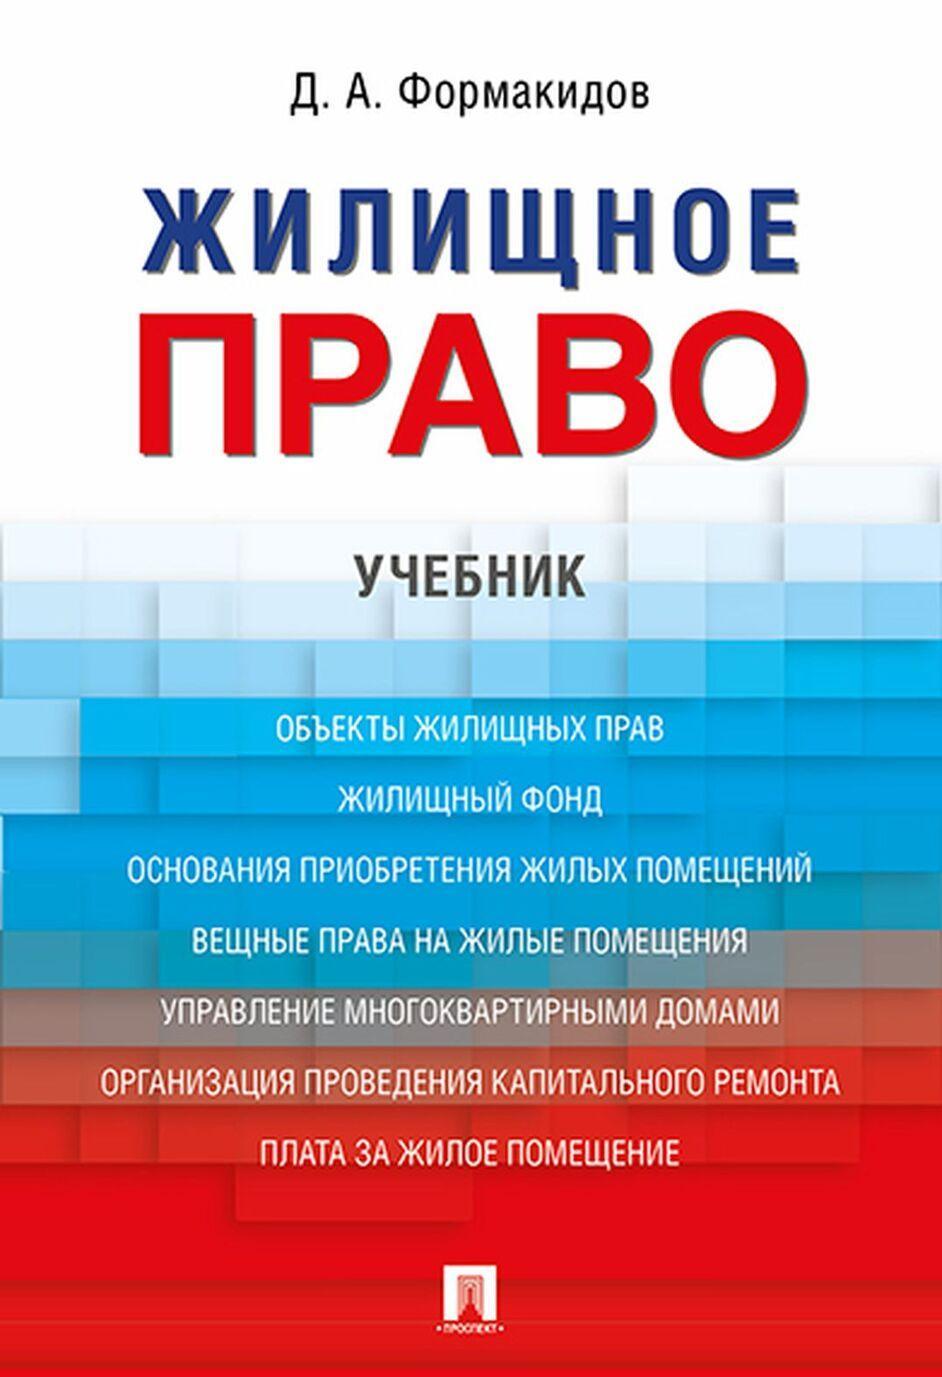 Zhilischnoe pravo. Uchebnik | Formakidov Dmitrij Anatolevich